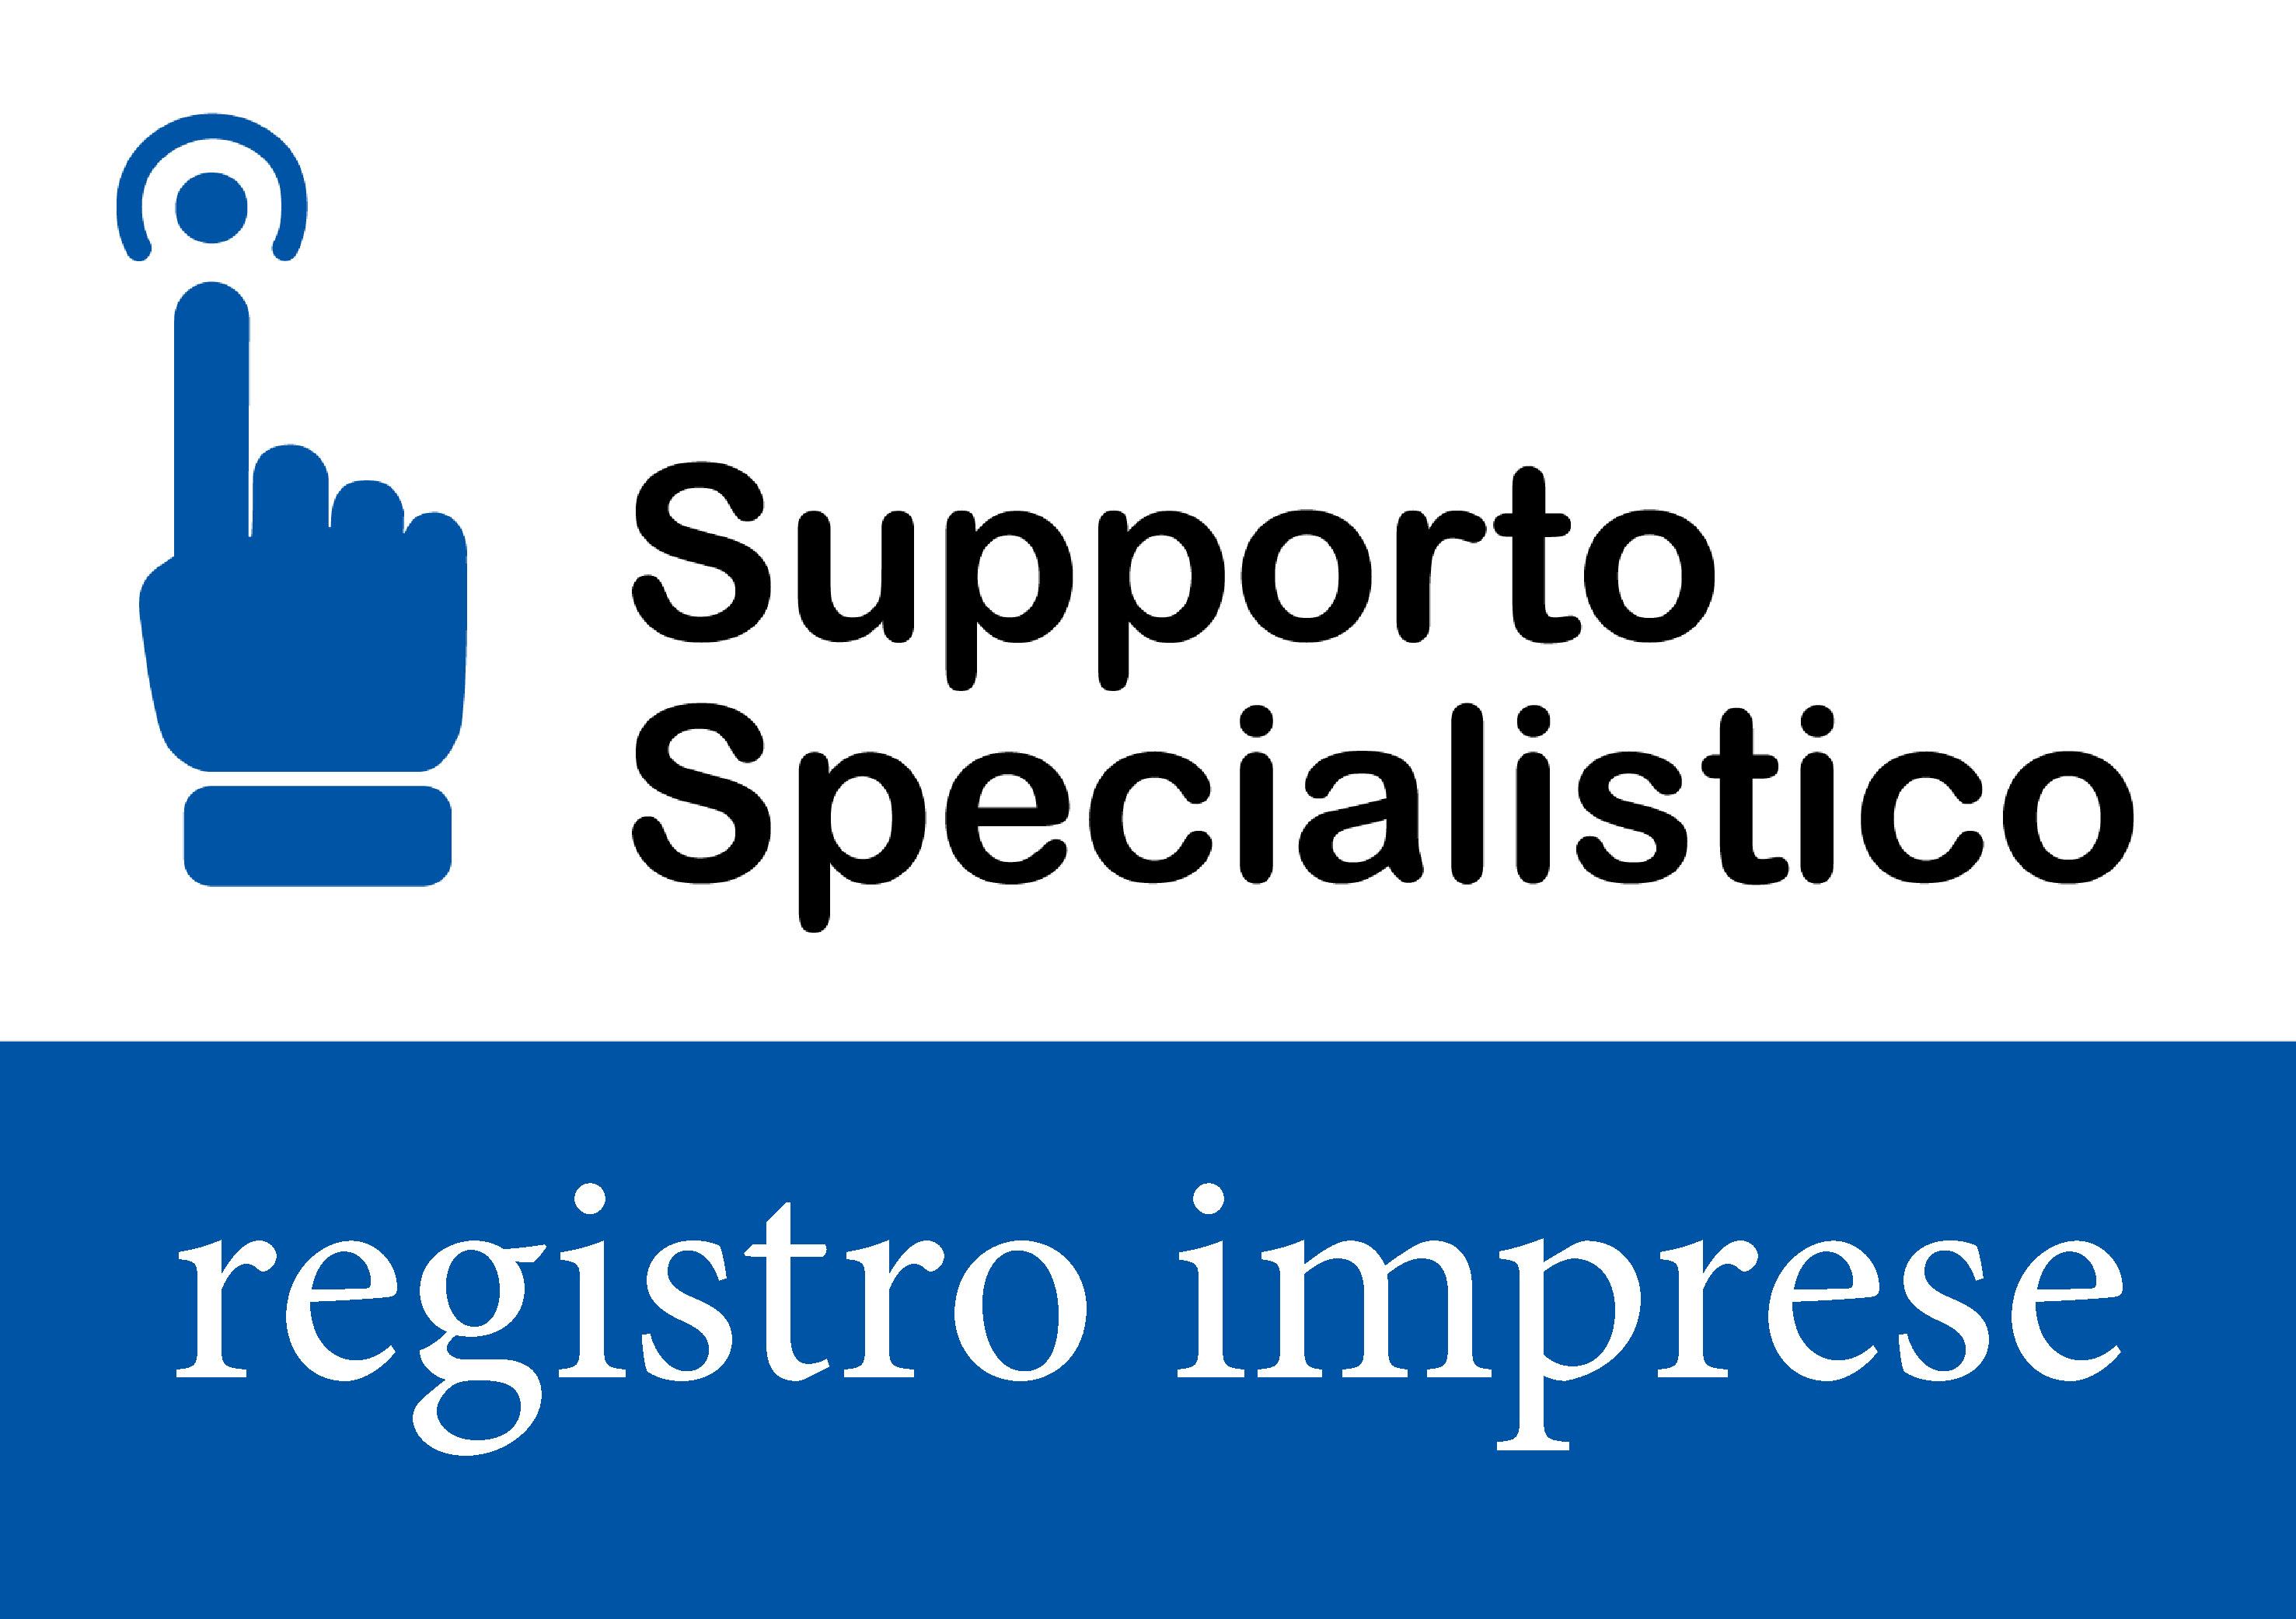 SARI Supporto Specialistico Registro Imprese